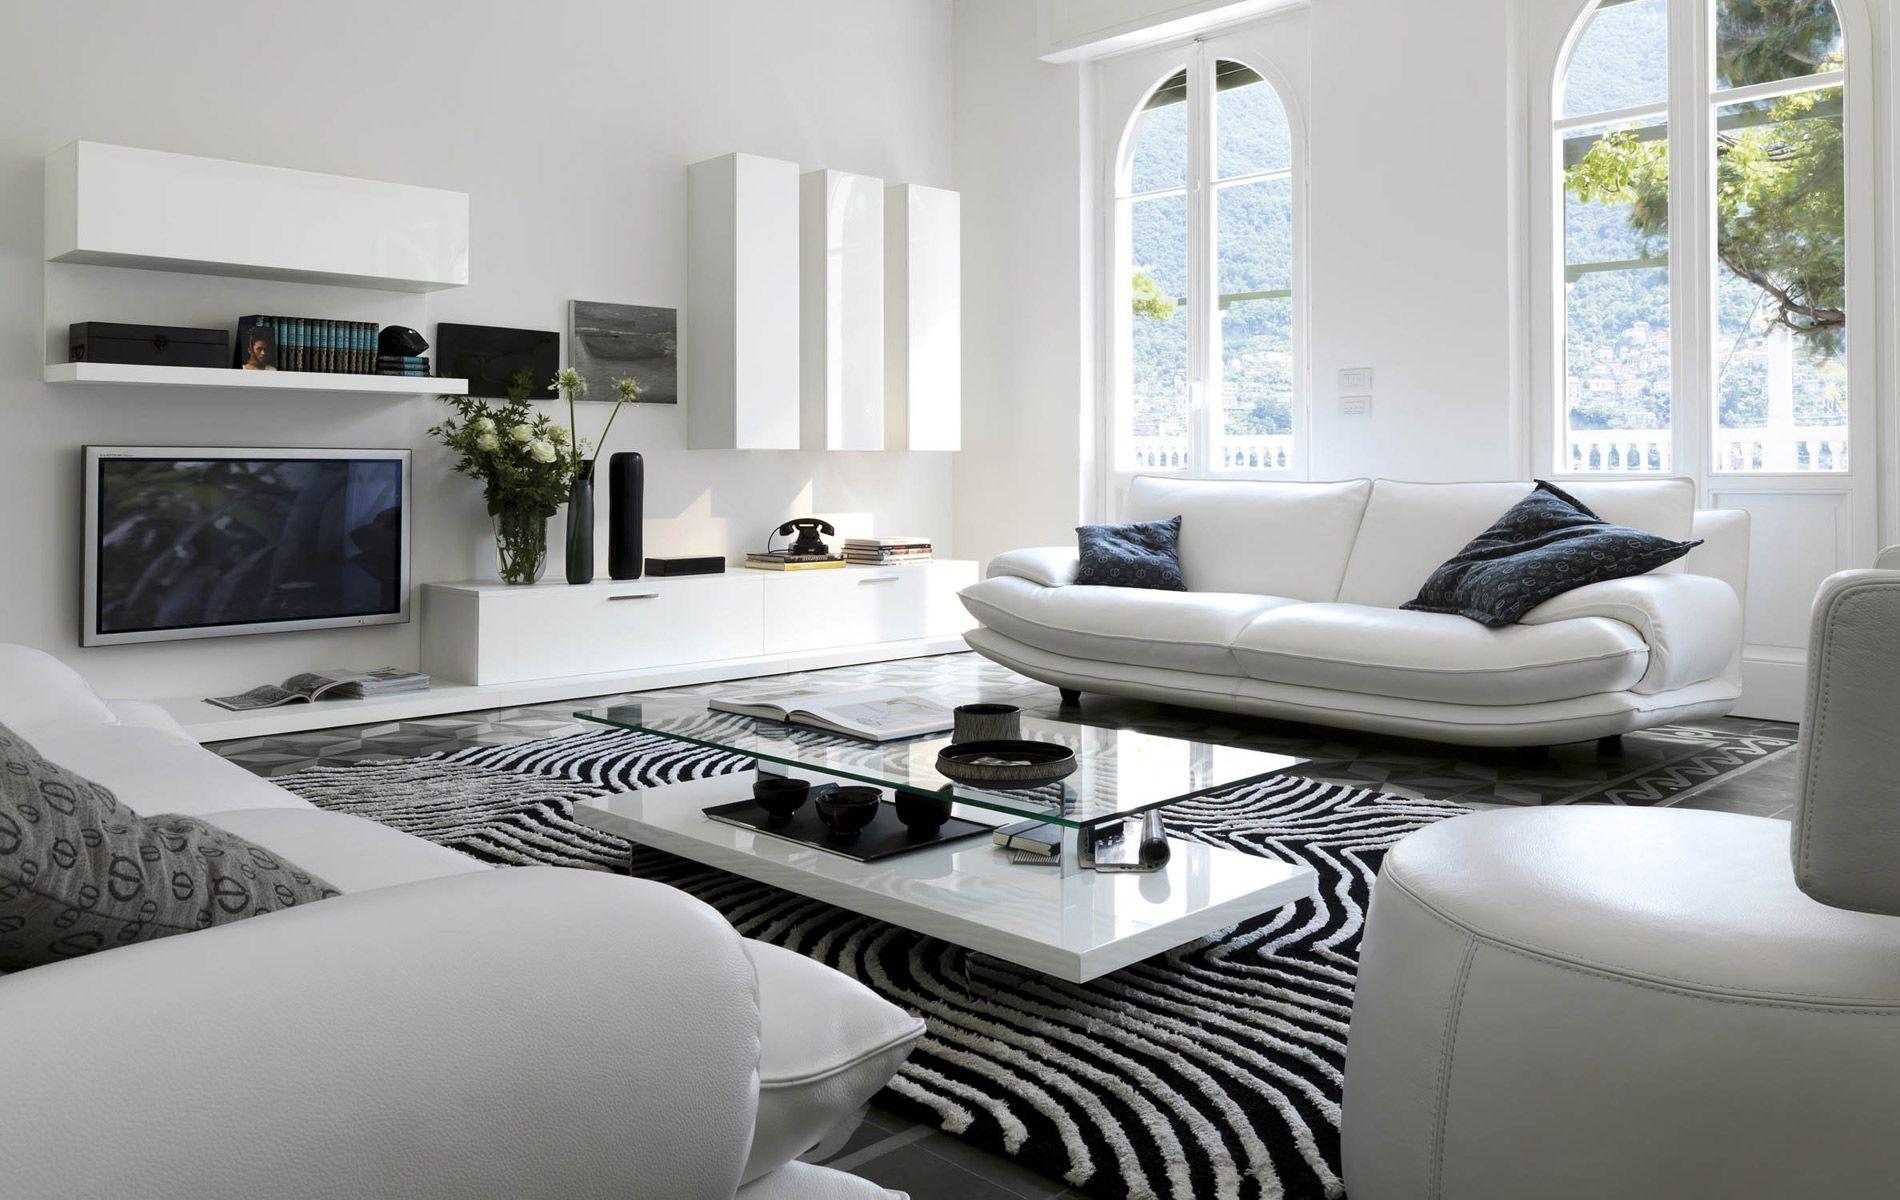 Soggiorni moderni divani letto in pelle poltroncini e non for Soggiorni moderni chateau d ax